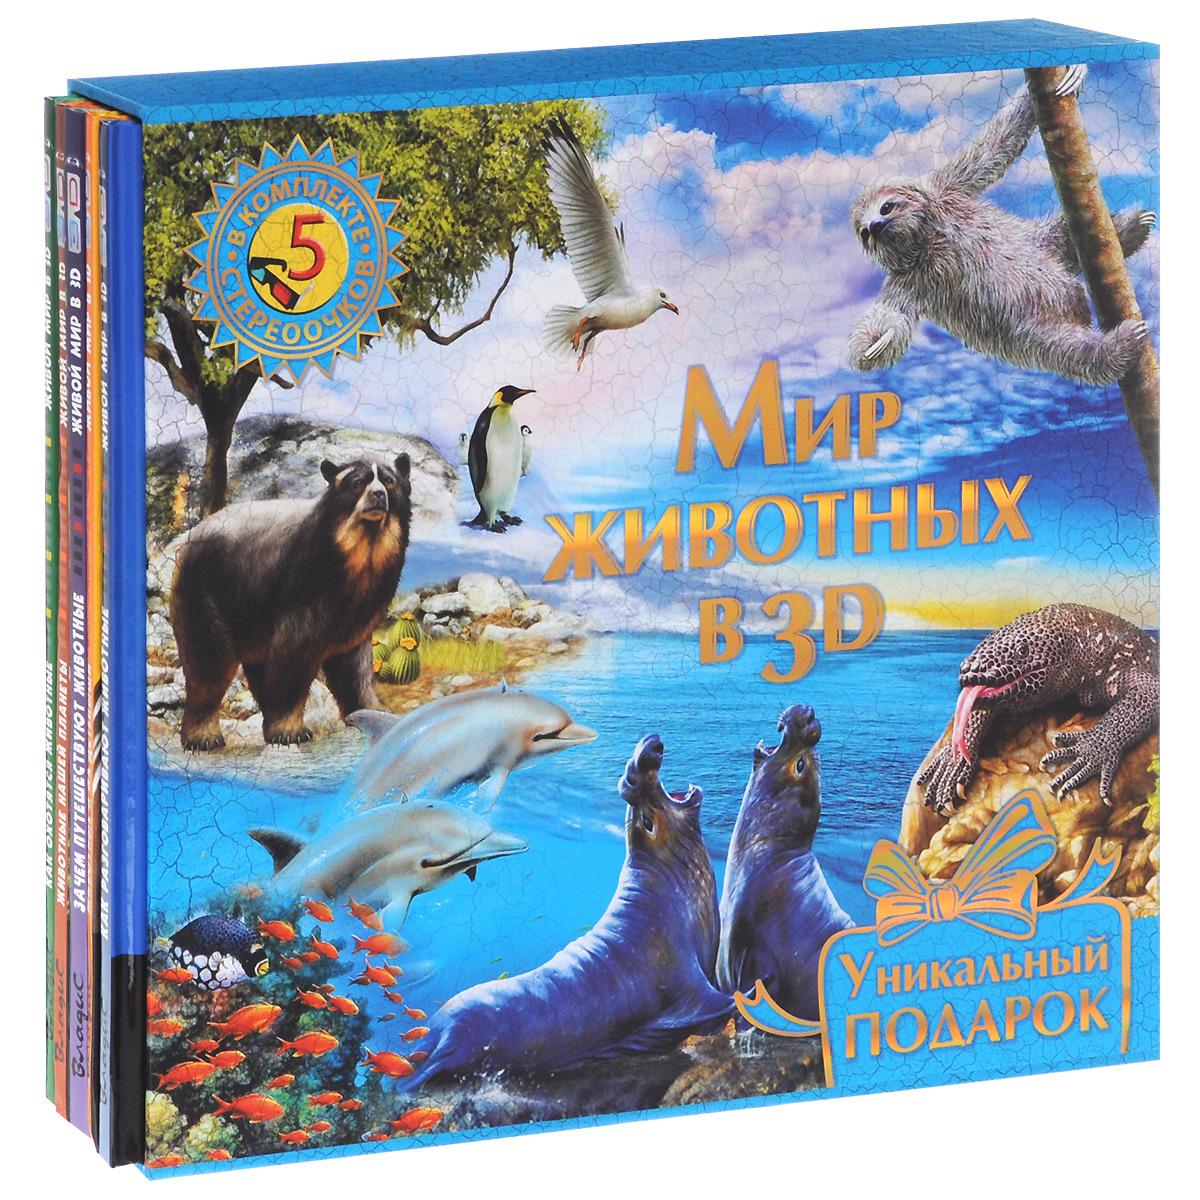 Мир животных в 3D (комплект из 5 книг + 5 3D-очков)